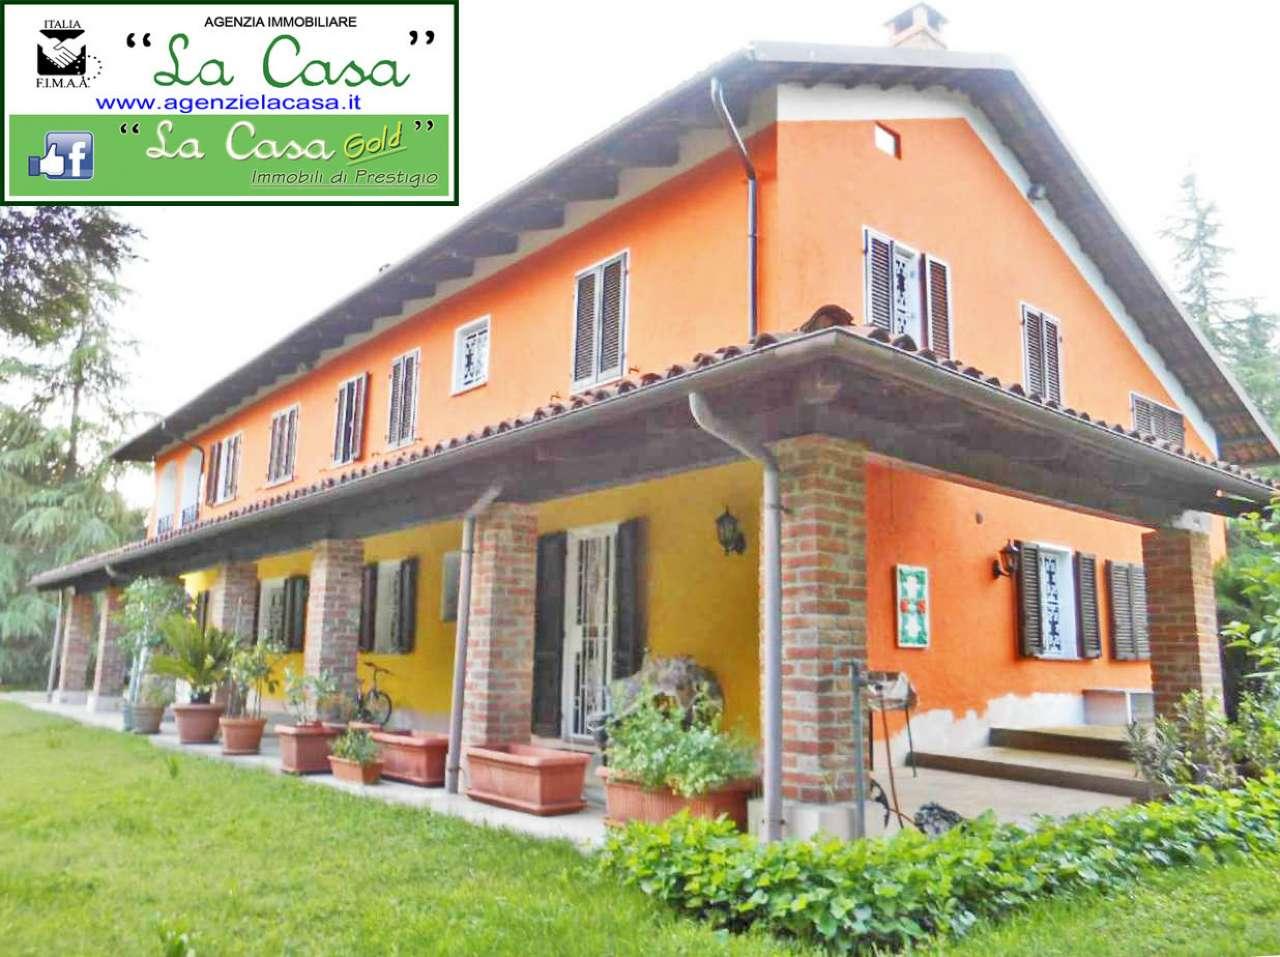 Rustico / Casale in vendita a Montafia, 18 locali, prezzo € 395.000 | CambioCasa.it